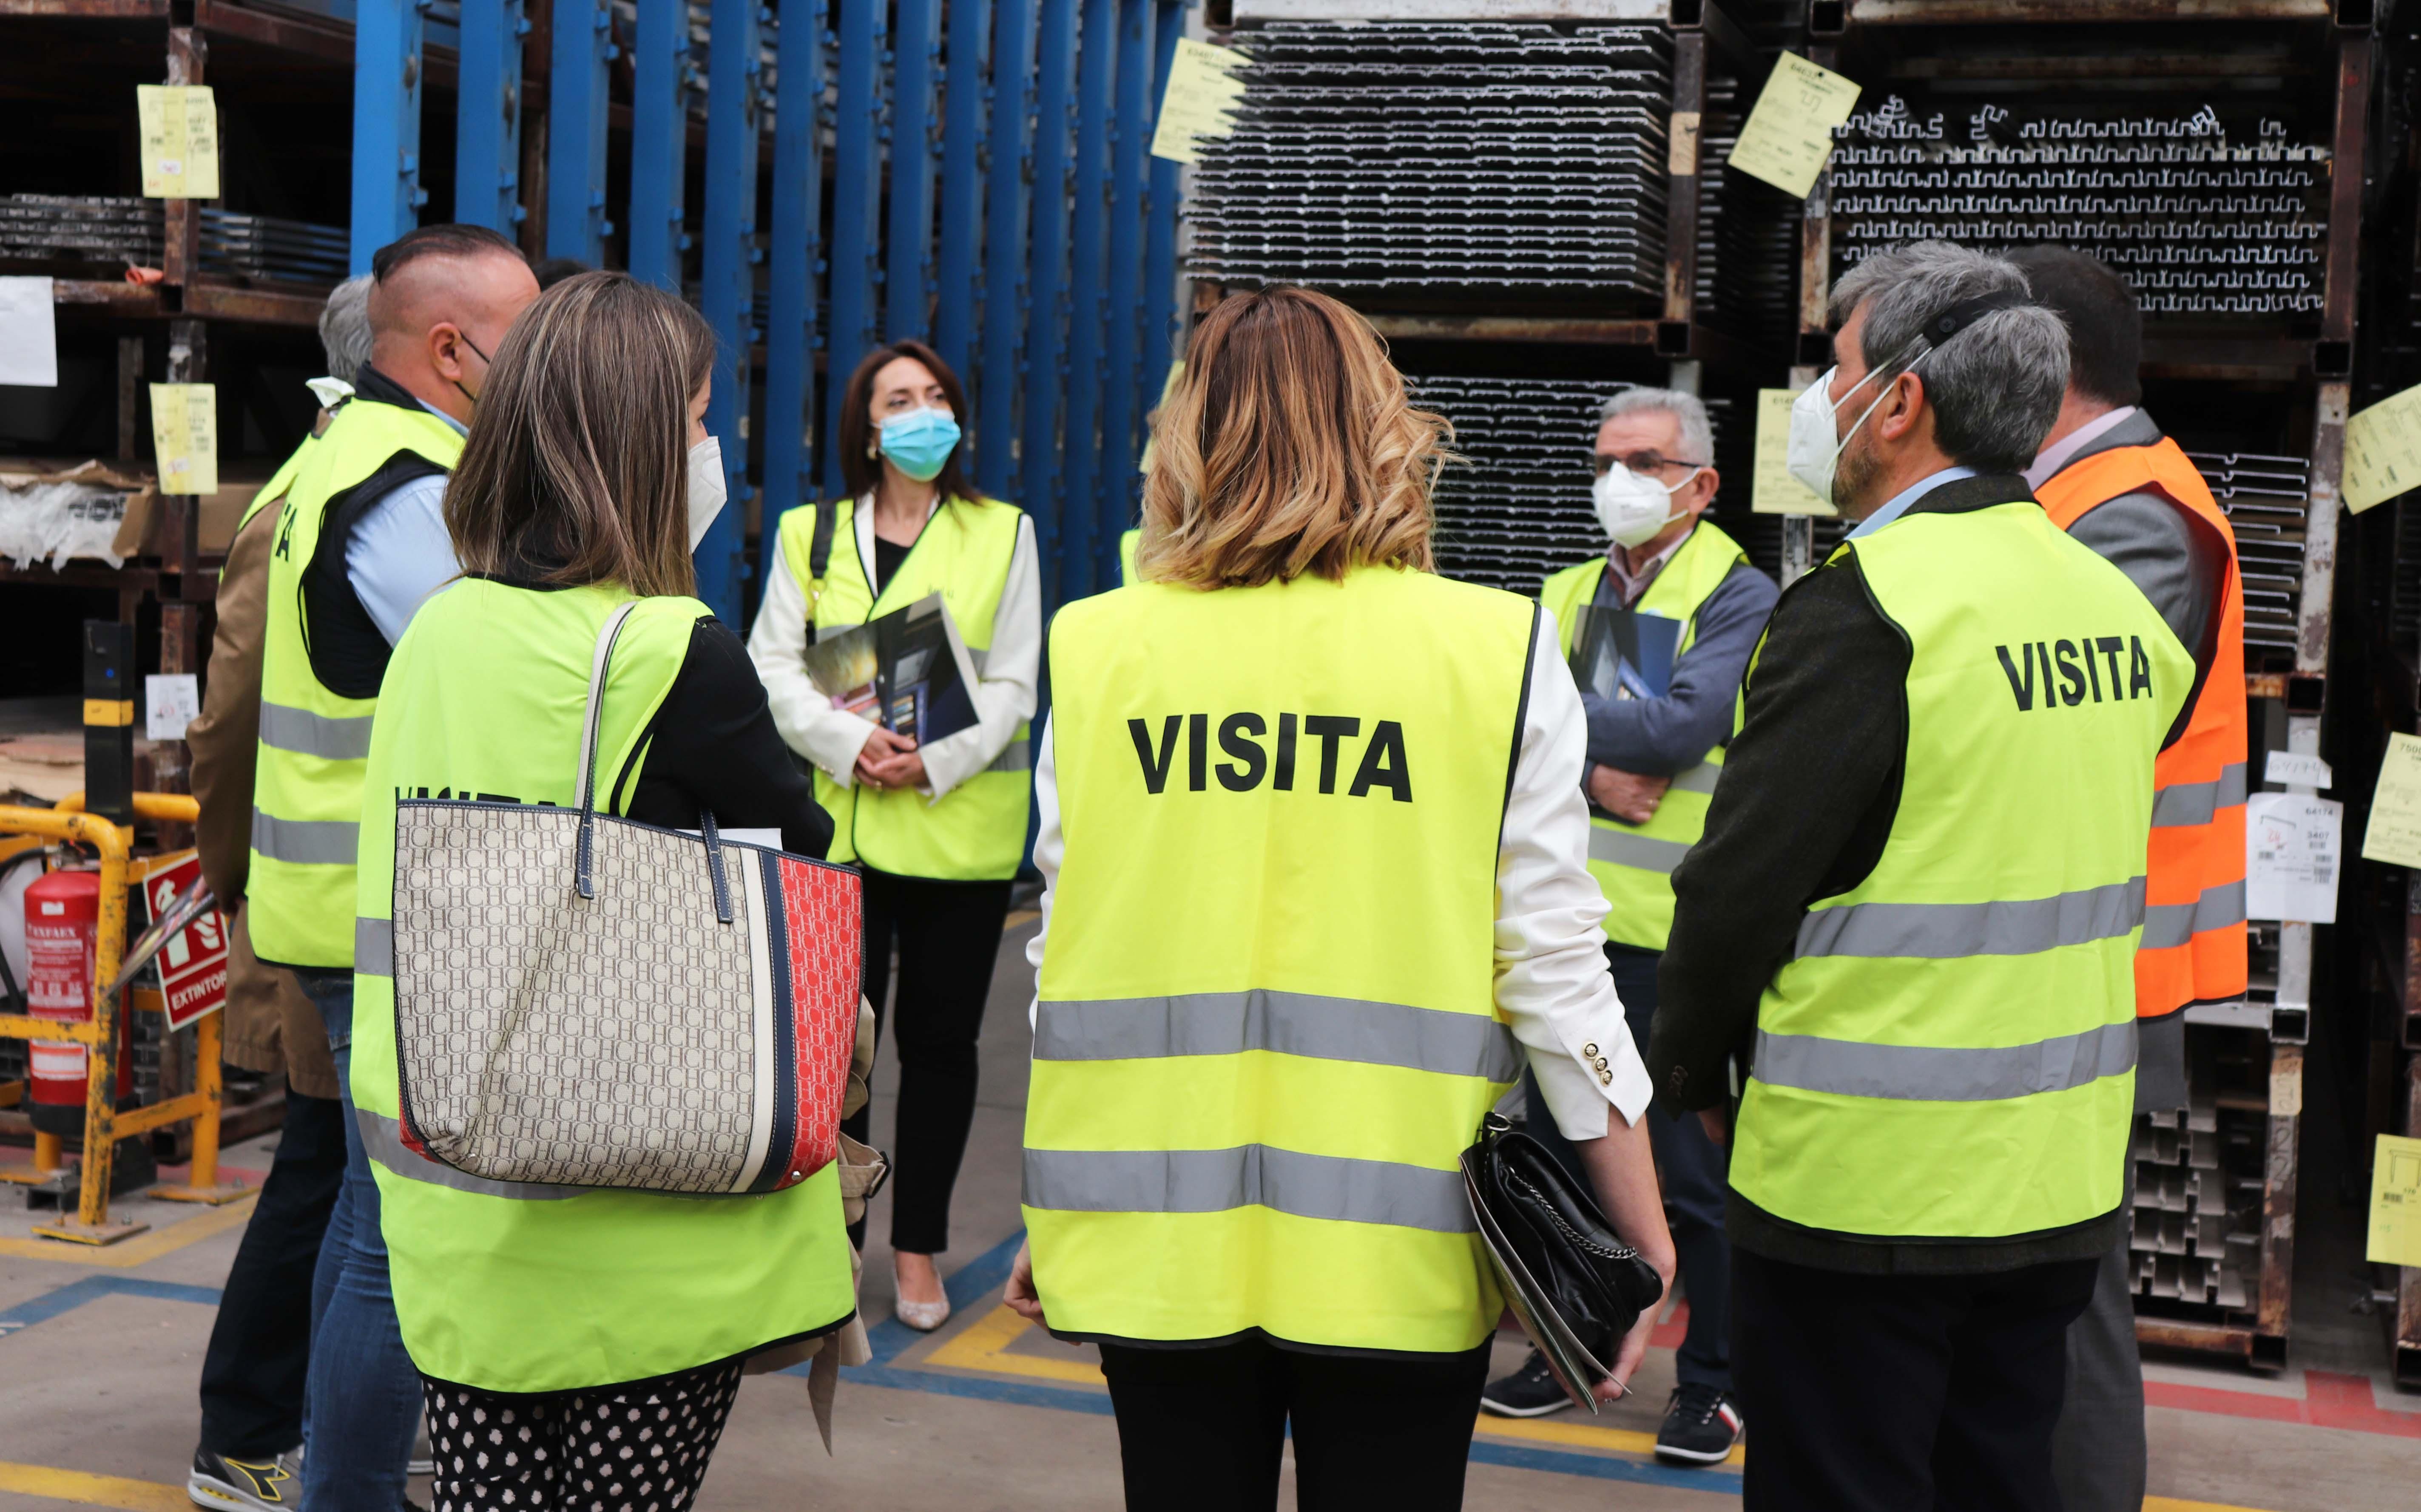 Galeria Itesal organiza una jornada de Prevención de Riesgos Laborales junto con AIRBE - 2